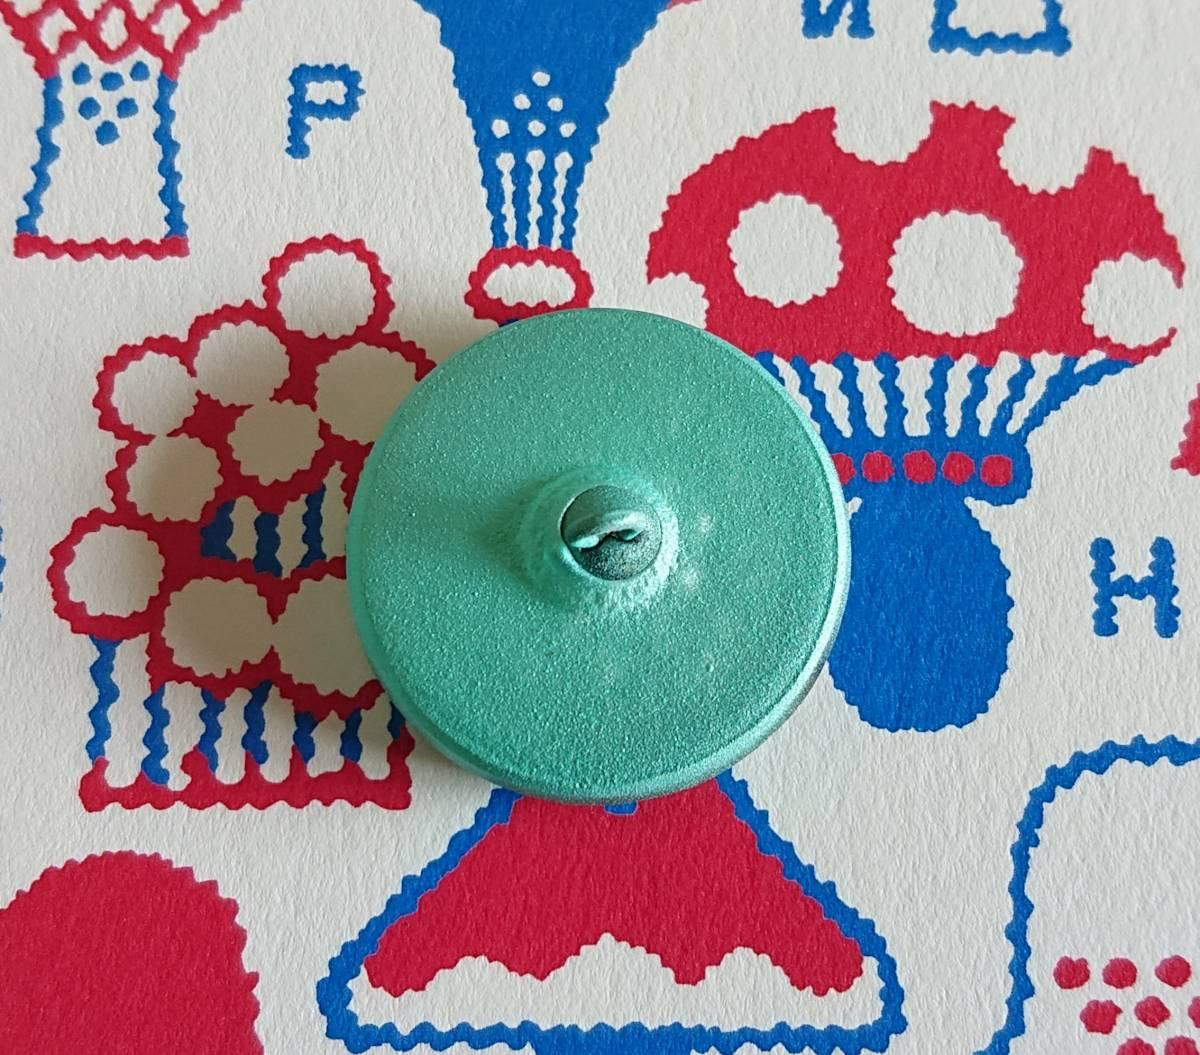 チェコ ガラスボタン27mm クリアターコイズブルー×シルバー/太陽と星の様なボタン コレクション・ハンドメイドに_画像7